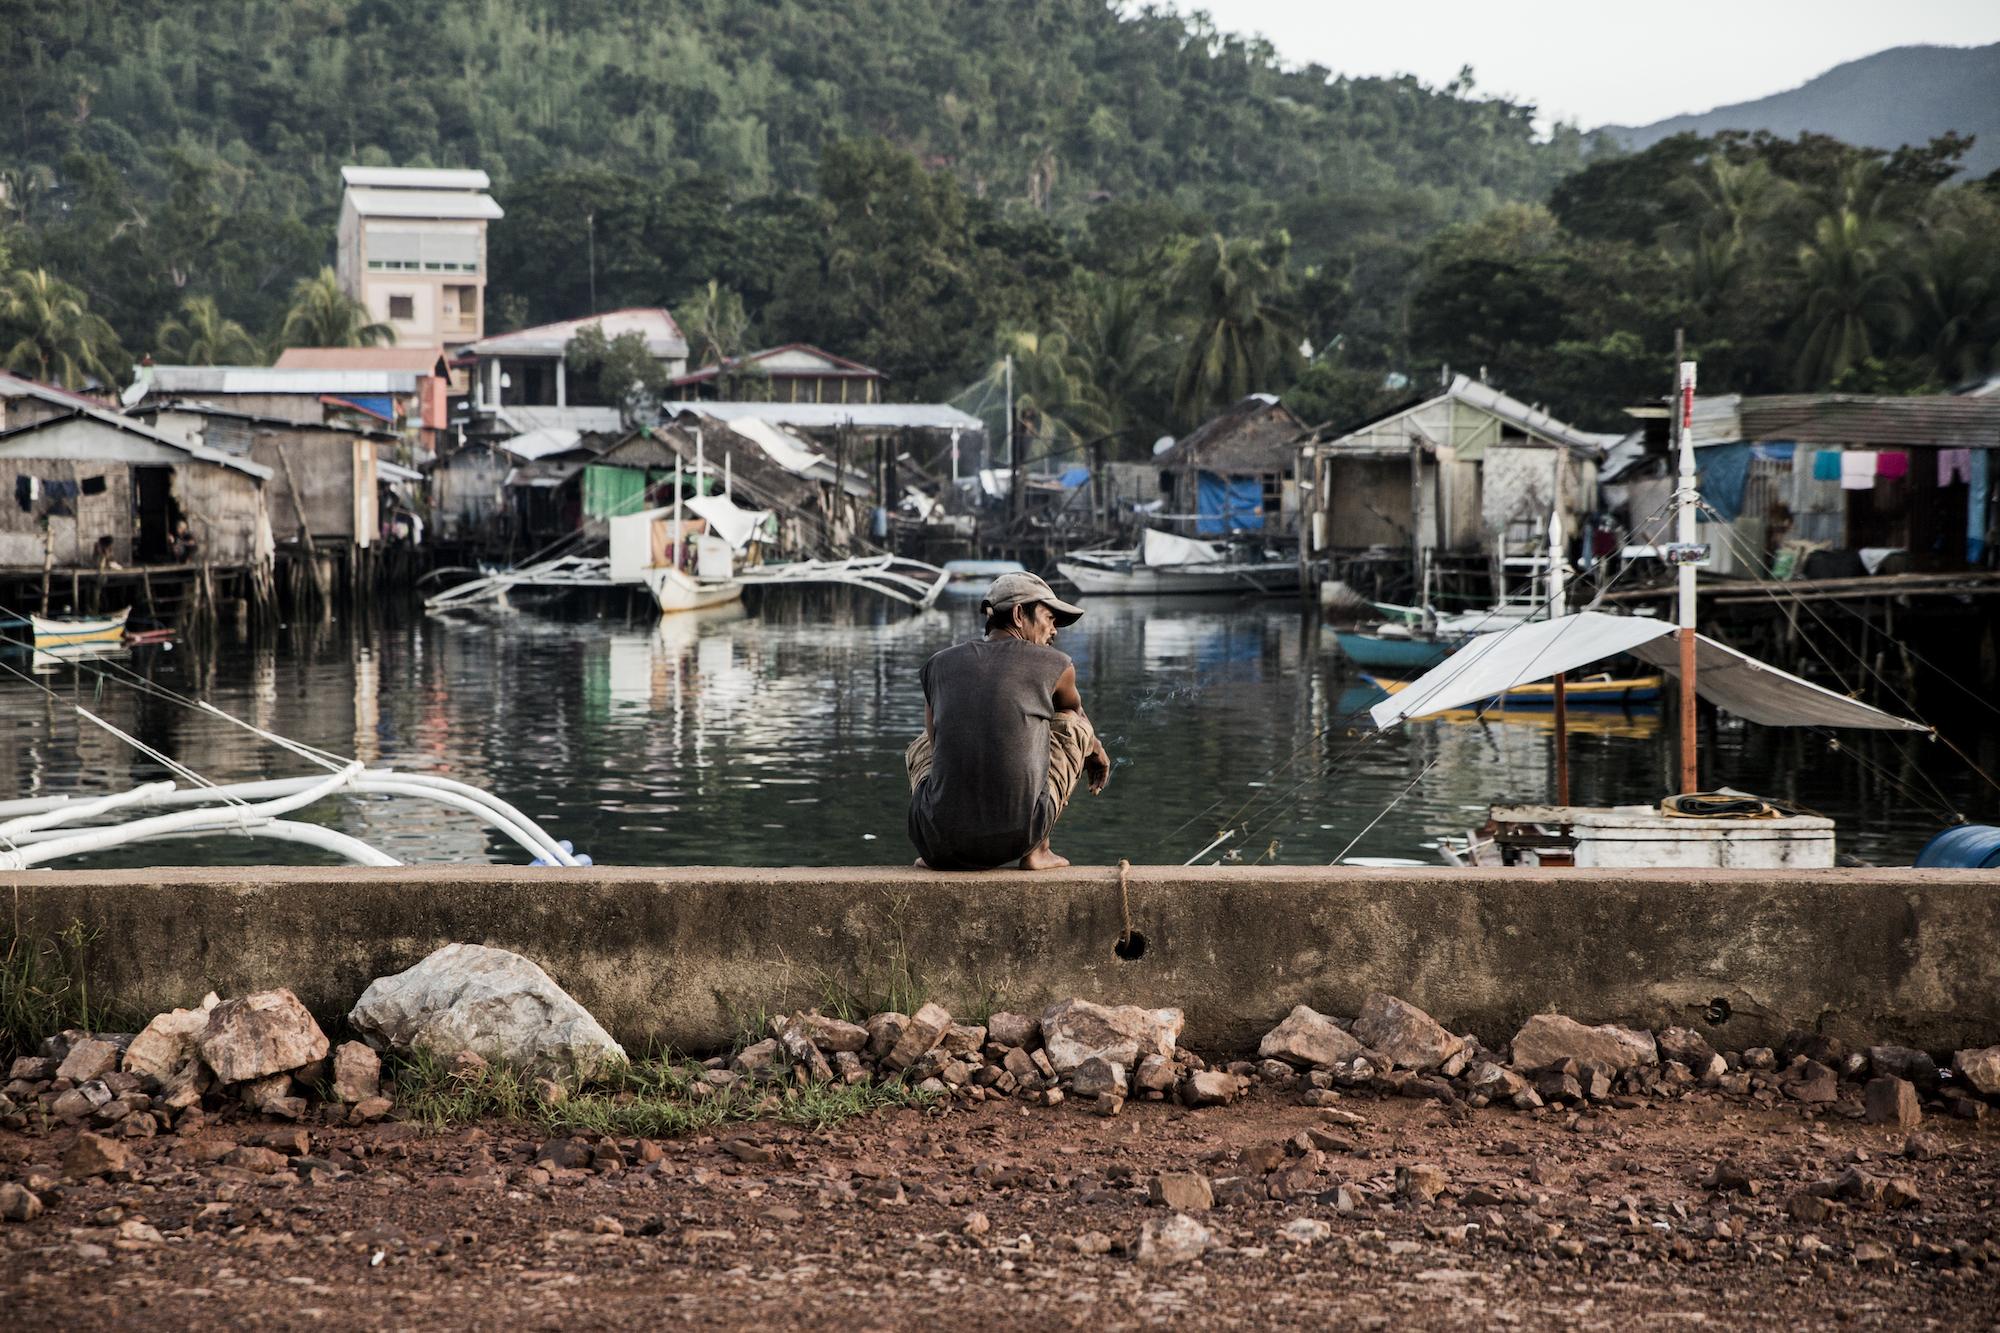 Ein Fischer ruht sich nach dem morgendlichen Fischmarkt auf einer Mauer aus. Vor ihm liegen die Pfahlbauten im Ufergebiet von Coron.